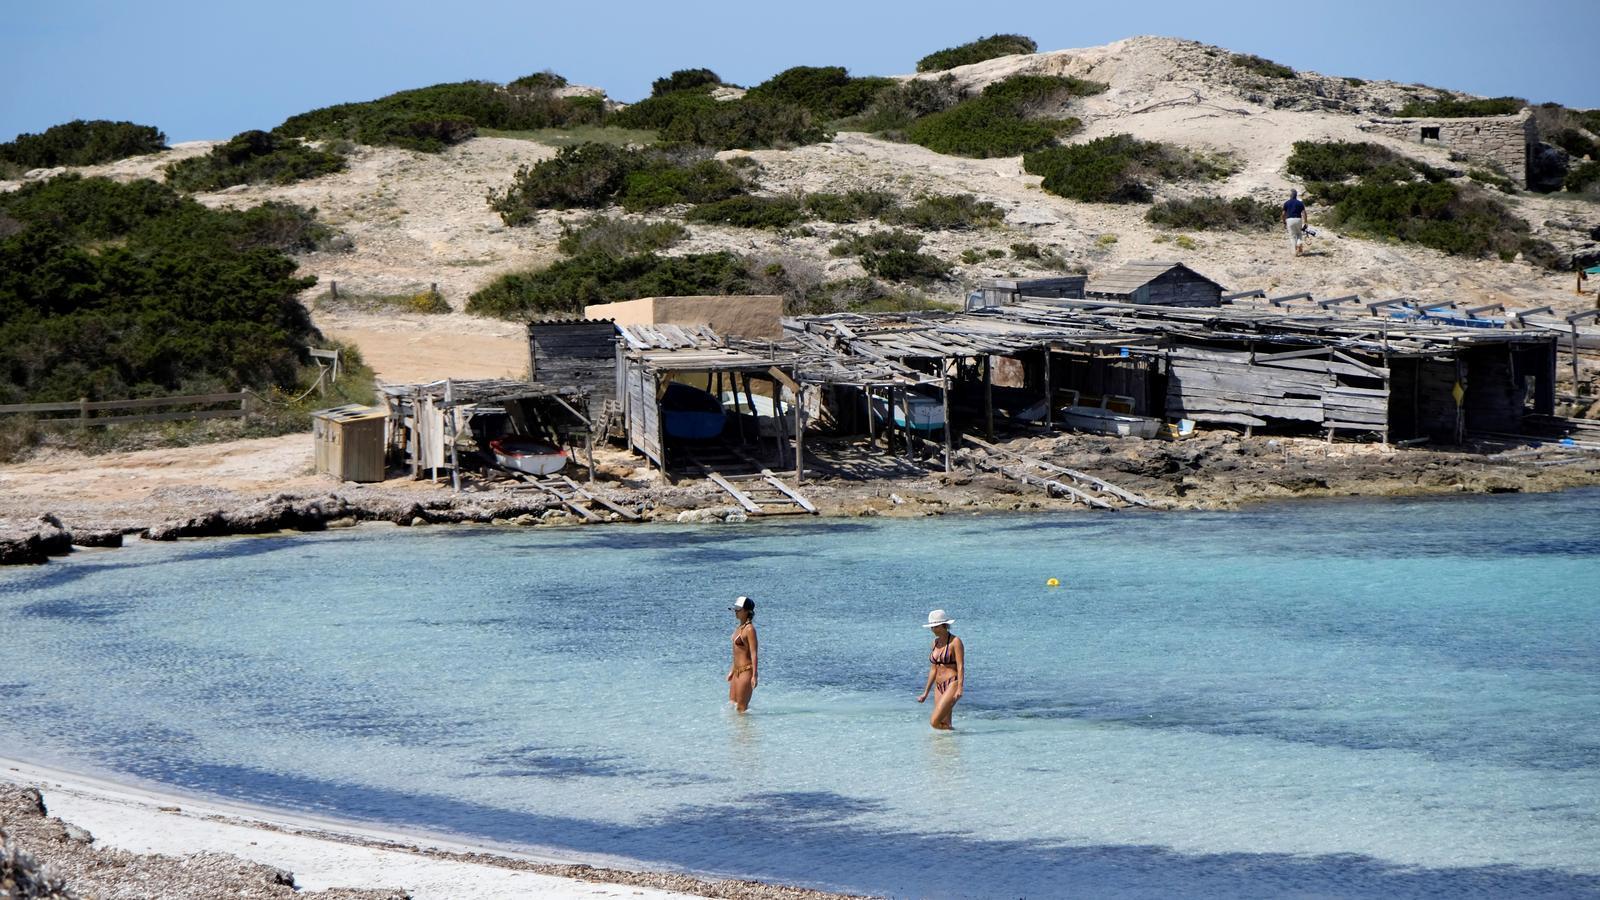 Dues banyistes a la platja de les Illetes de Formentera, gairebé buida aquest dilluns en el primer dia de la fase 1 del desconfinament